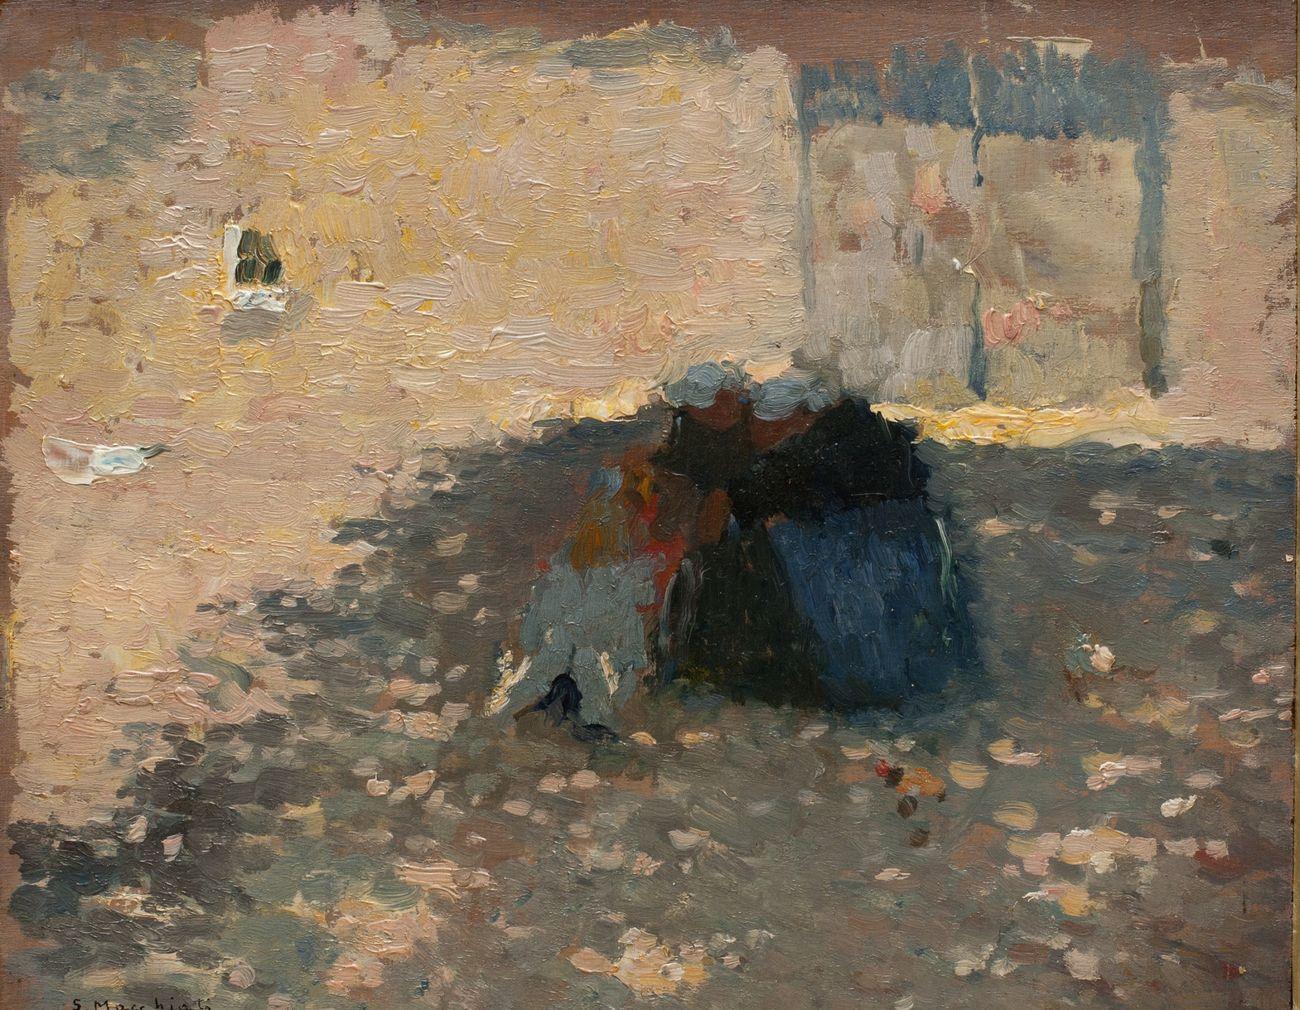 Serafino Macchiati, Contadine bretoni, 1910 1912, olio su cartone, cm 27x31,5. Collezione privata. Photo credit Istituto Matteucci, Viareggio